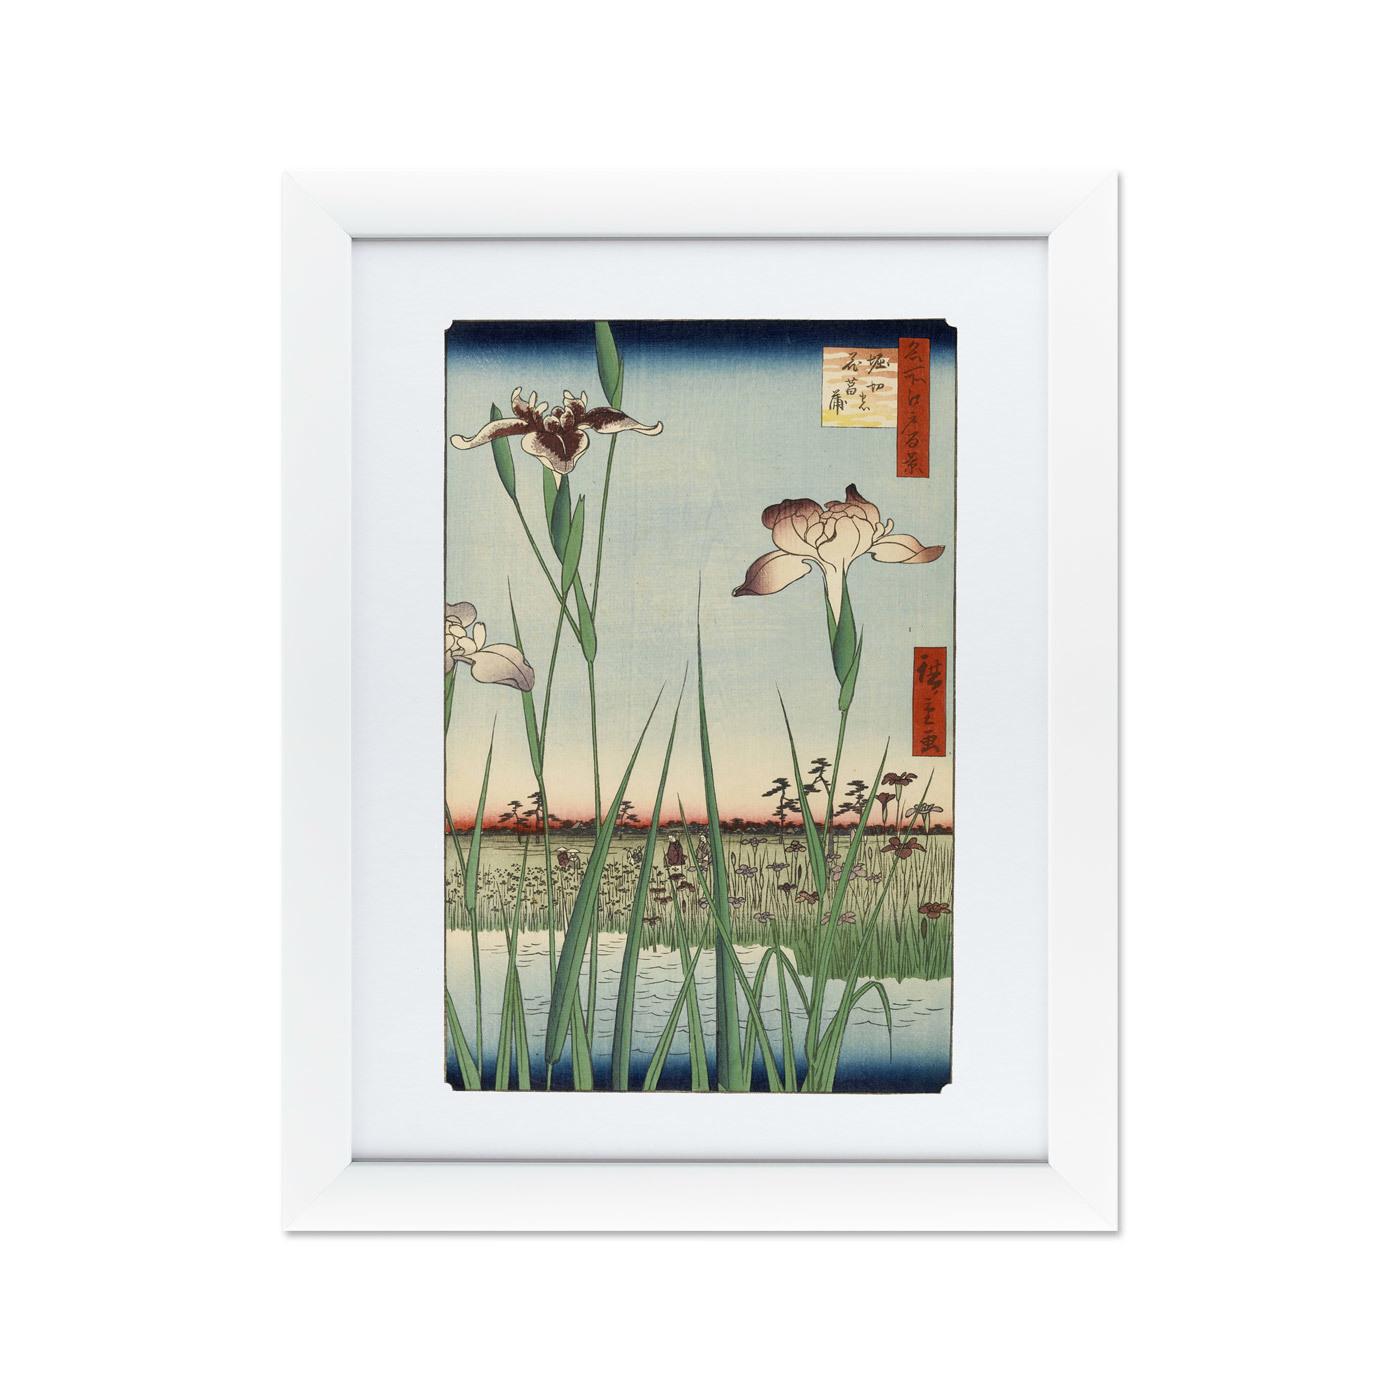 {} Картины в Квартиру Картина Цветная Гравюра №2 (47х60 см) картины в квартиру картина спил 2 47х60 см